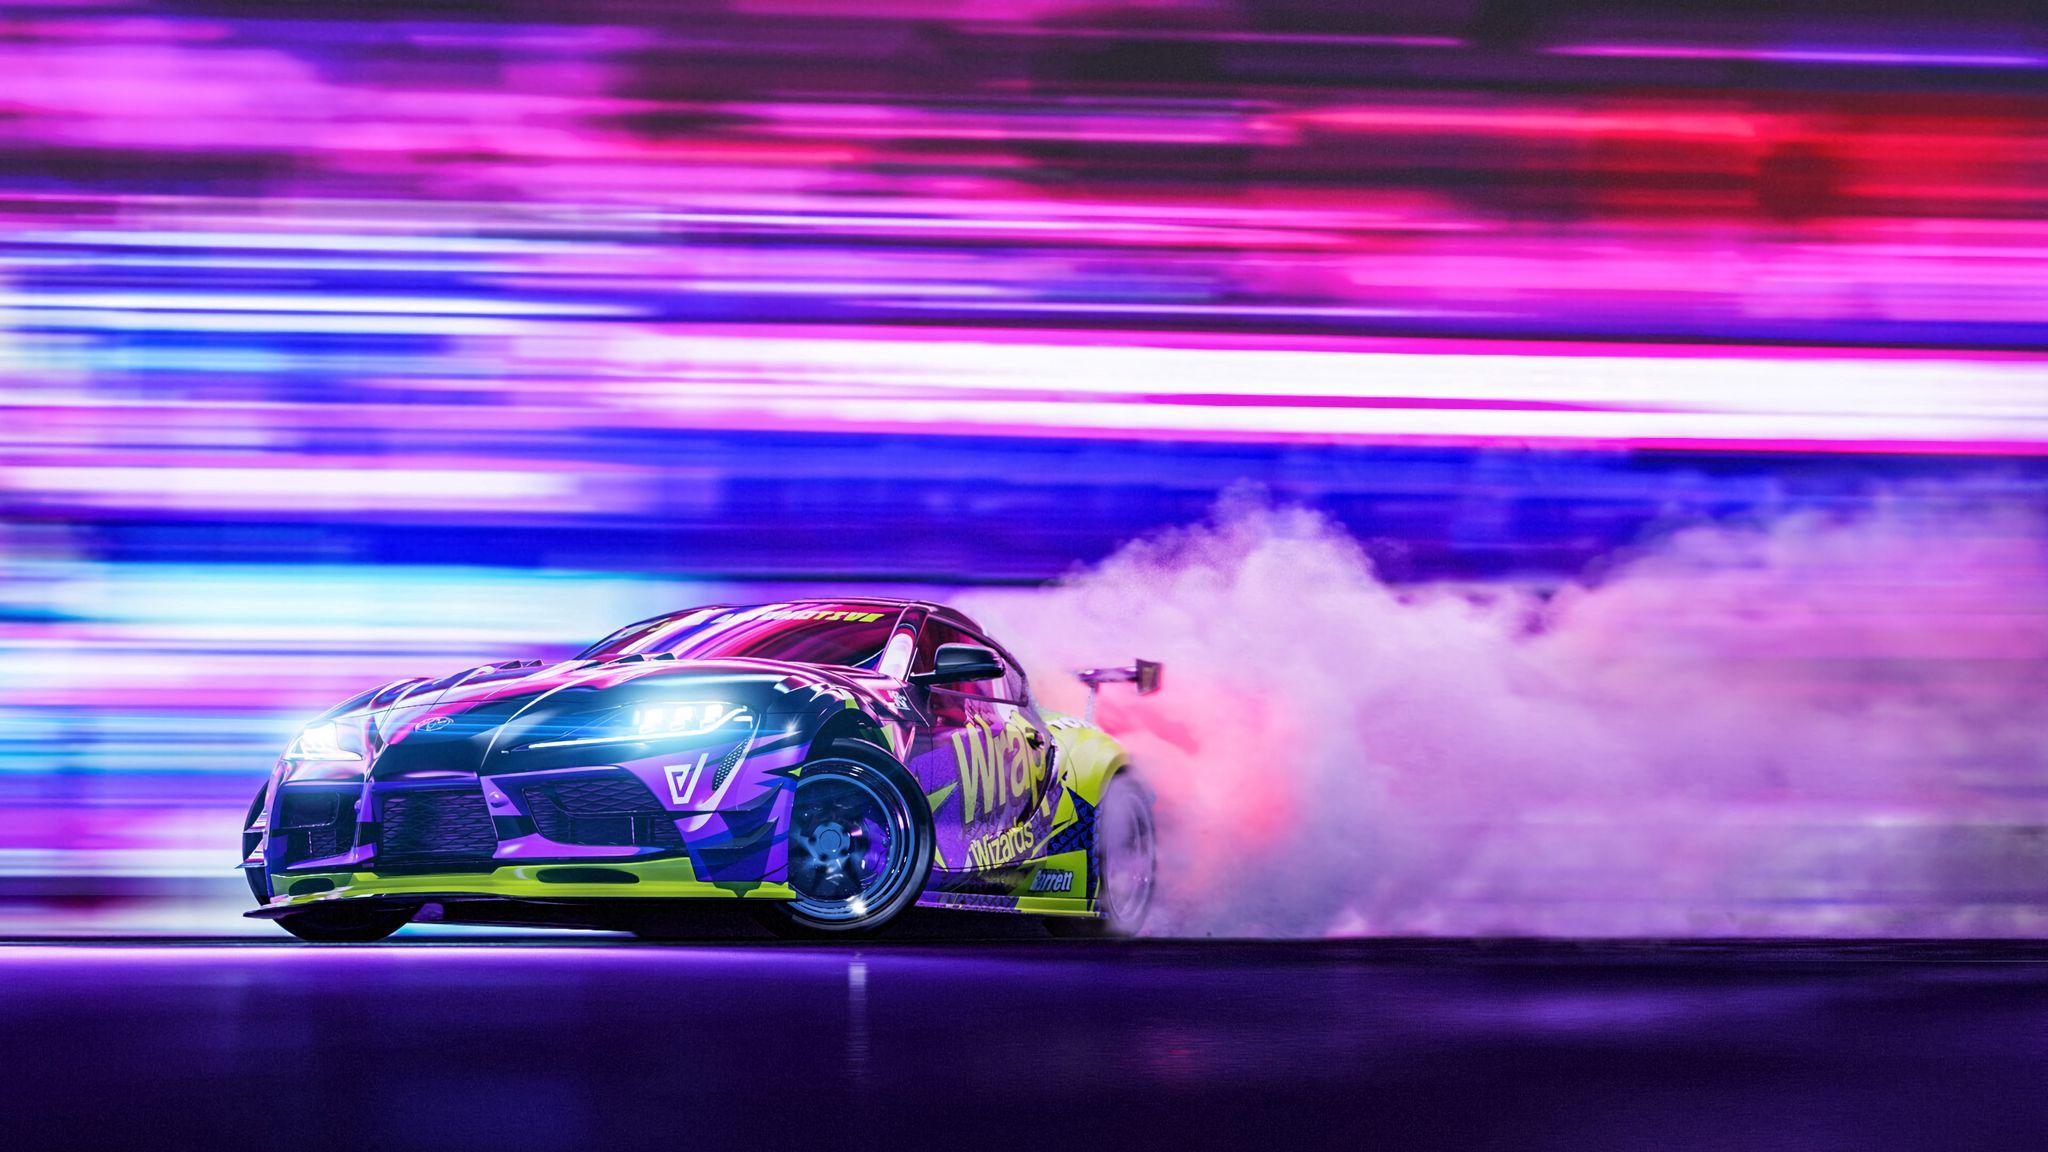 2048x1152 Wallpaper sportscar, drift, neon, smoke, speed